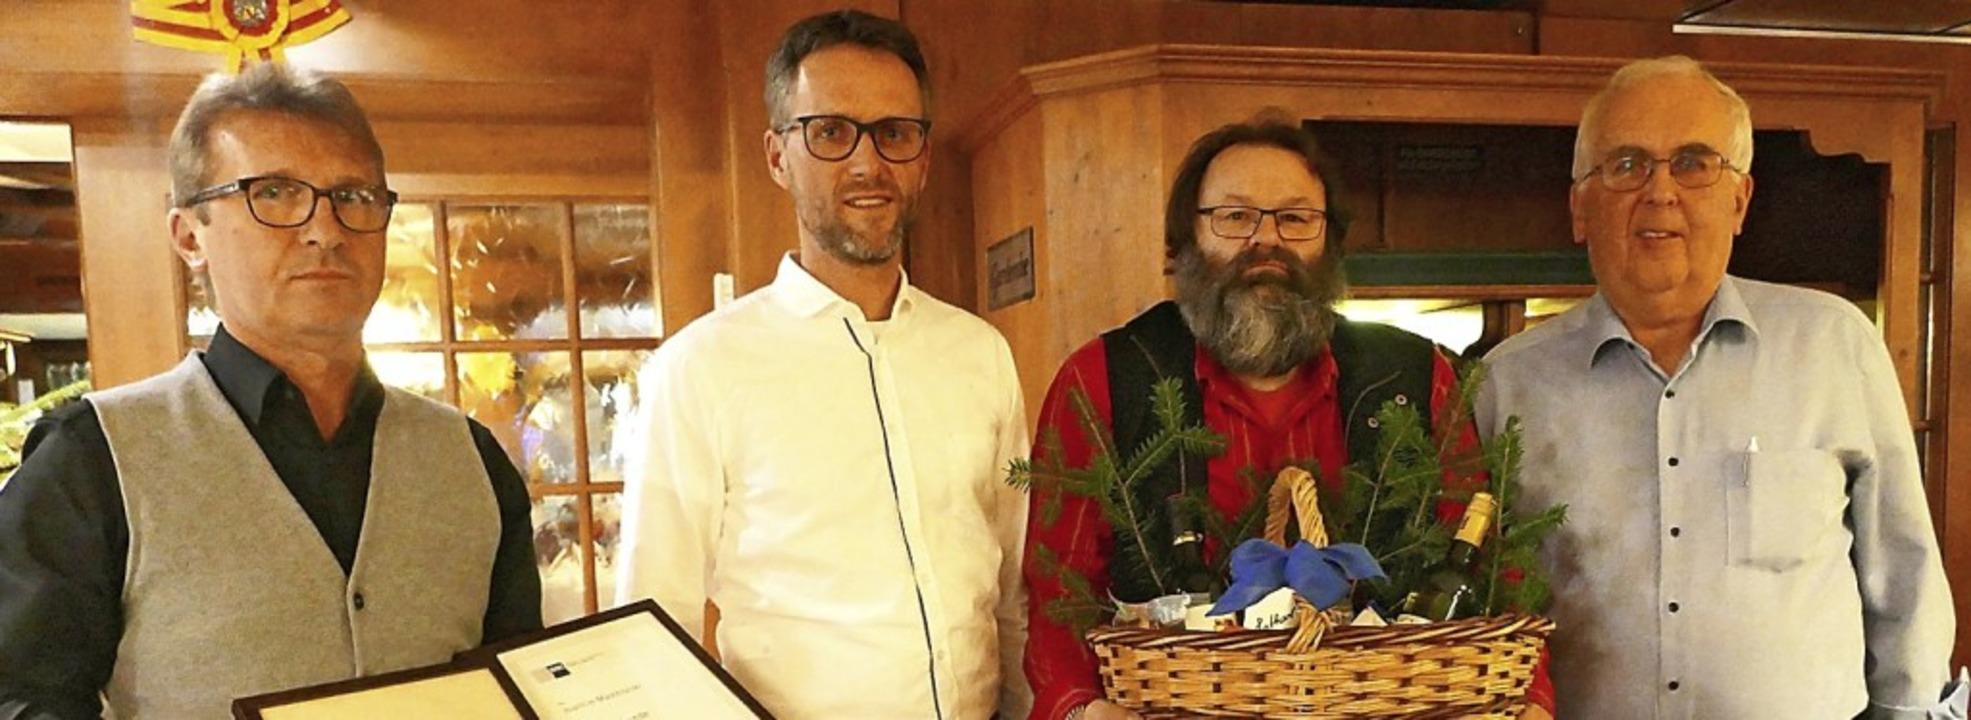 Bei der Ehrung (von links):  Joachim M... Rente verabschiedet) und Fritz Baur.     Foto: Privat